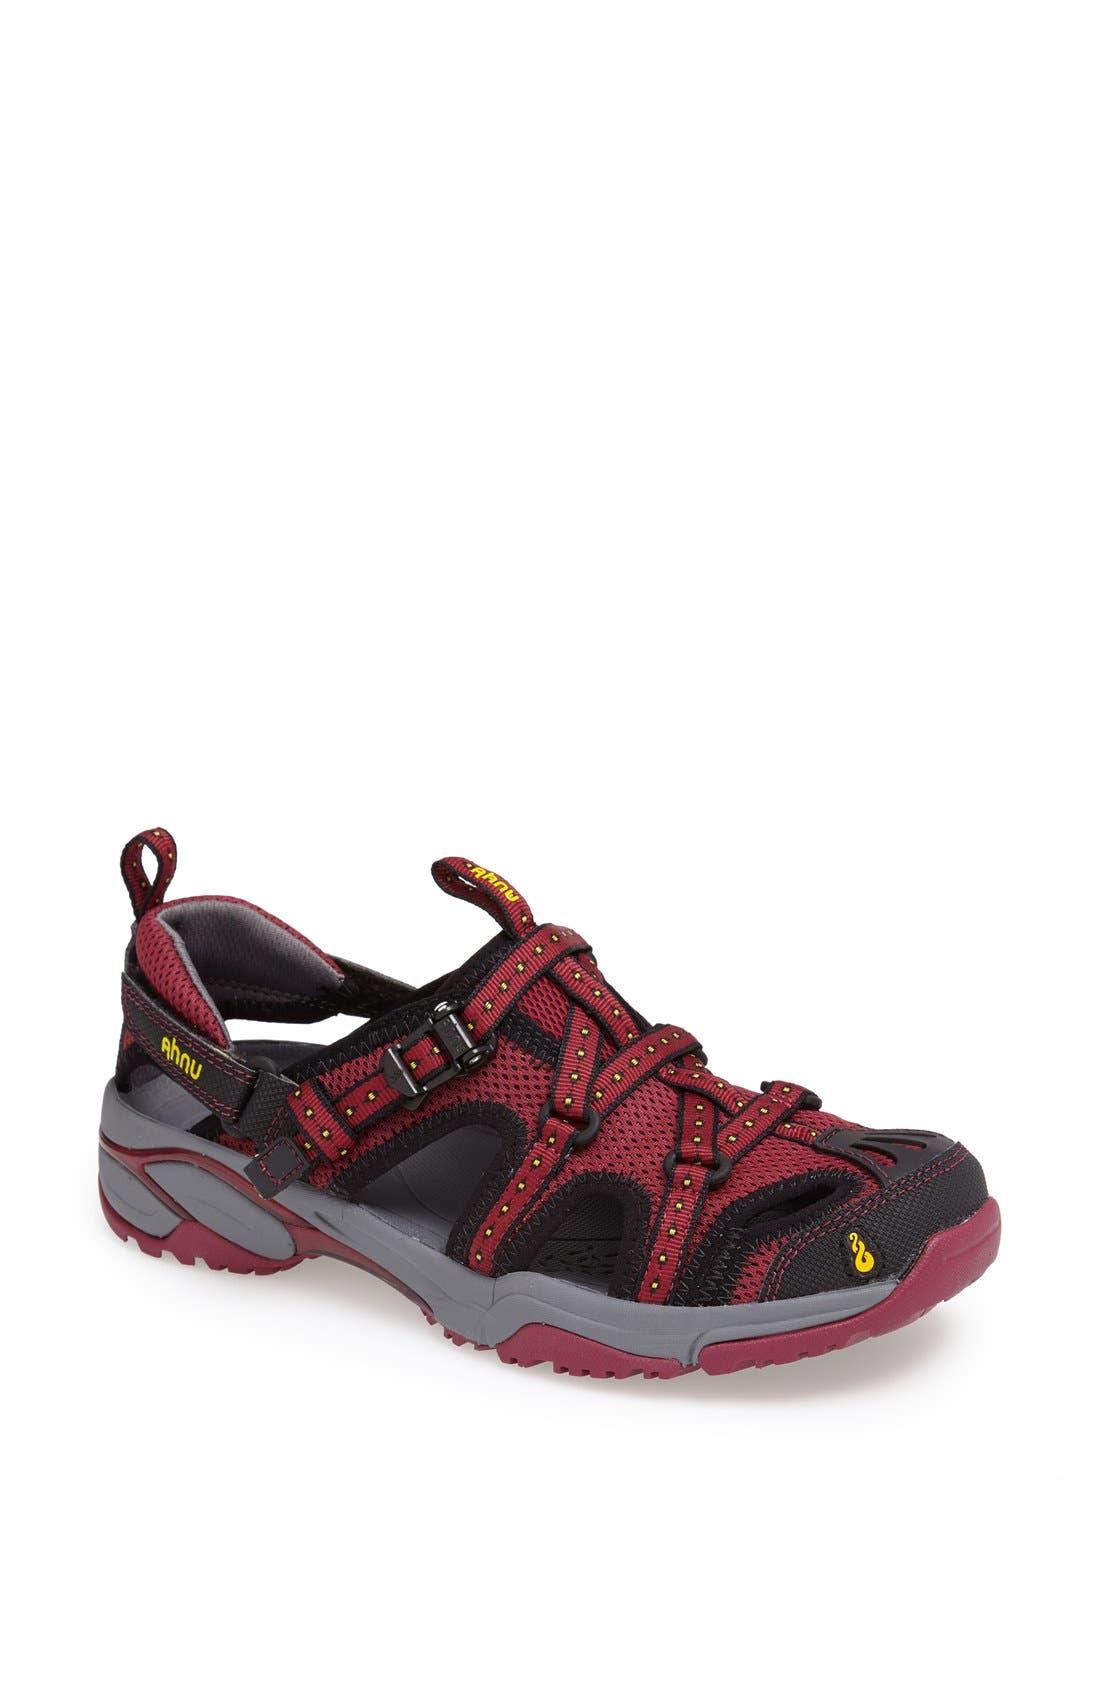 Alternate Image 1 Selected - Ahnu 'Tilden IV' Sport Sandal